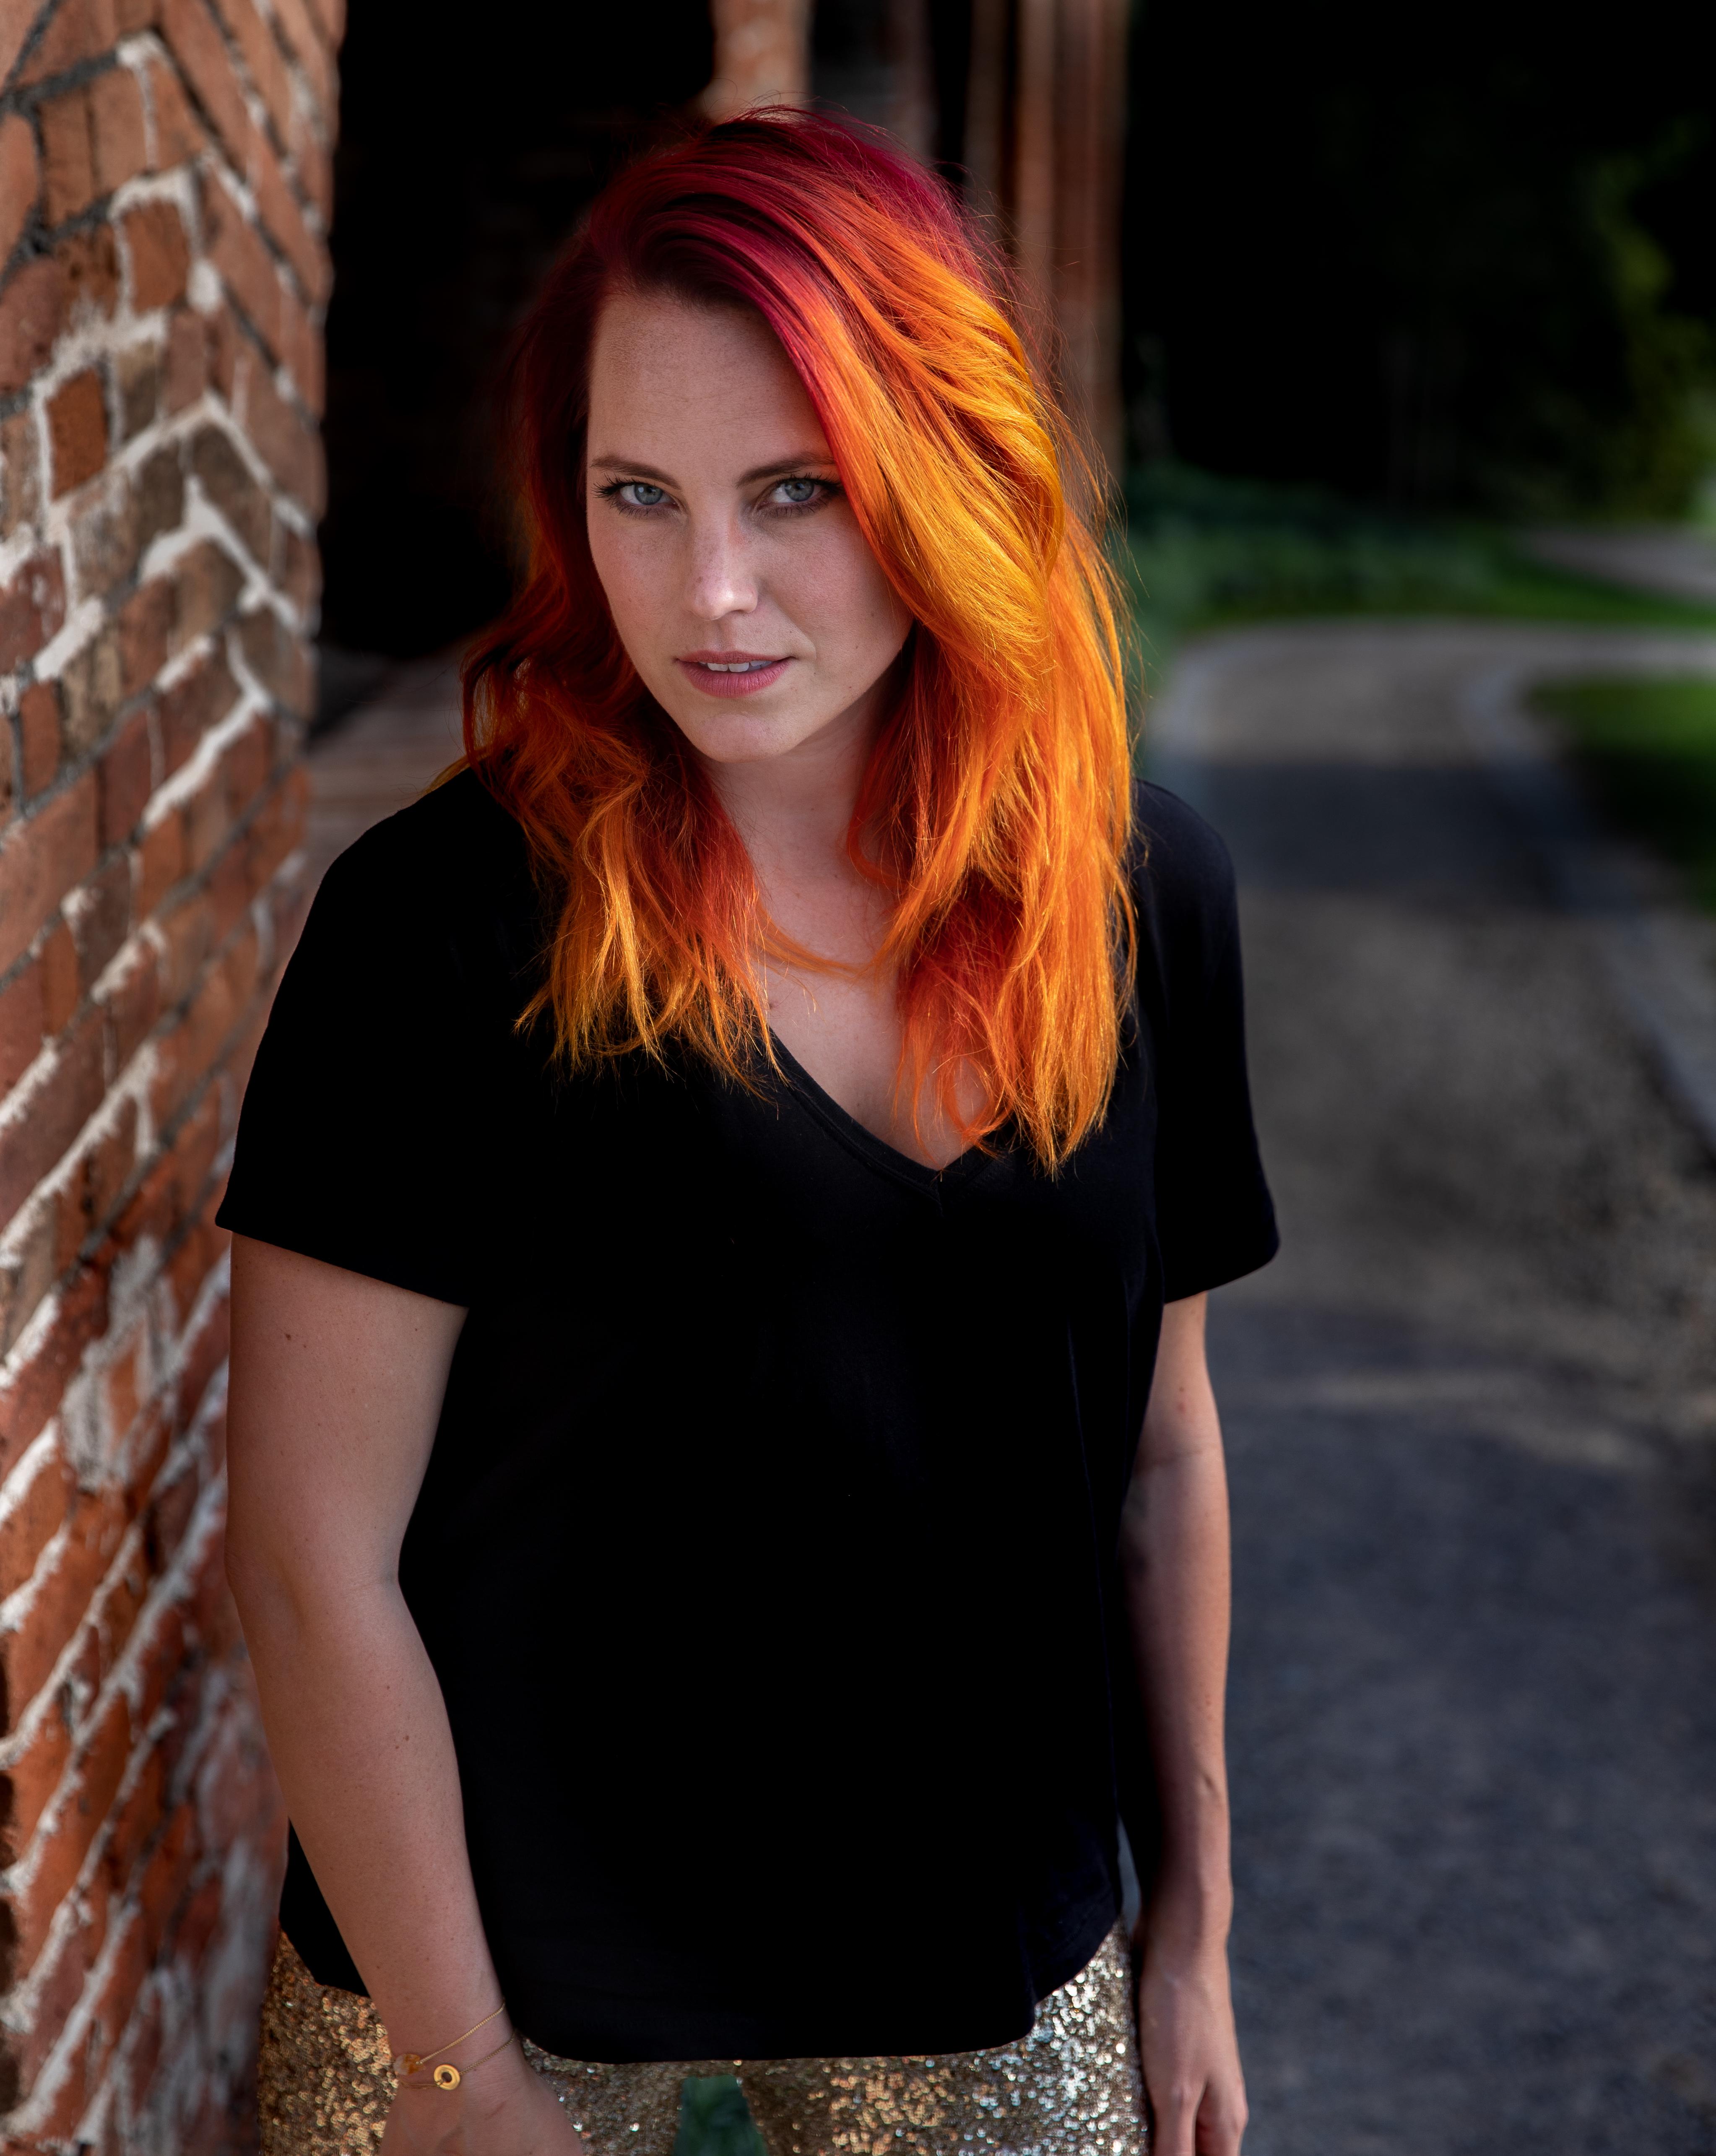 Marije Knevel